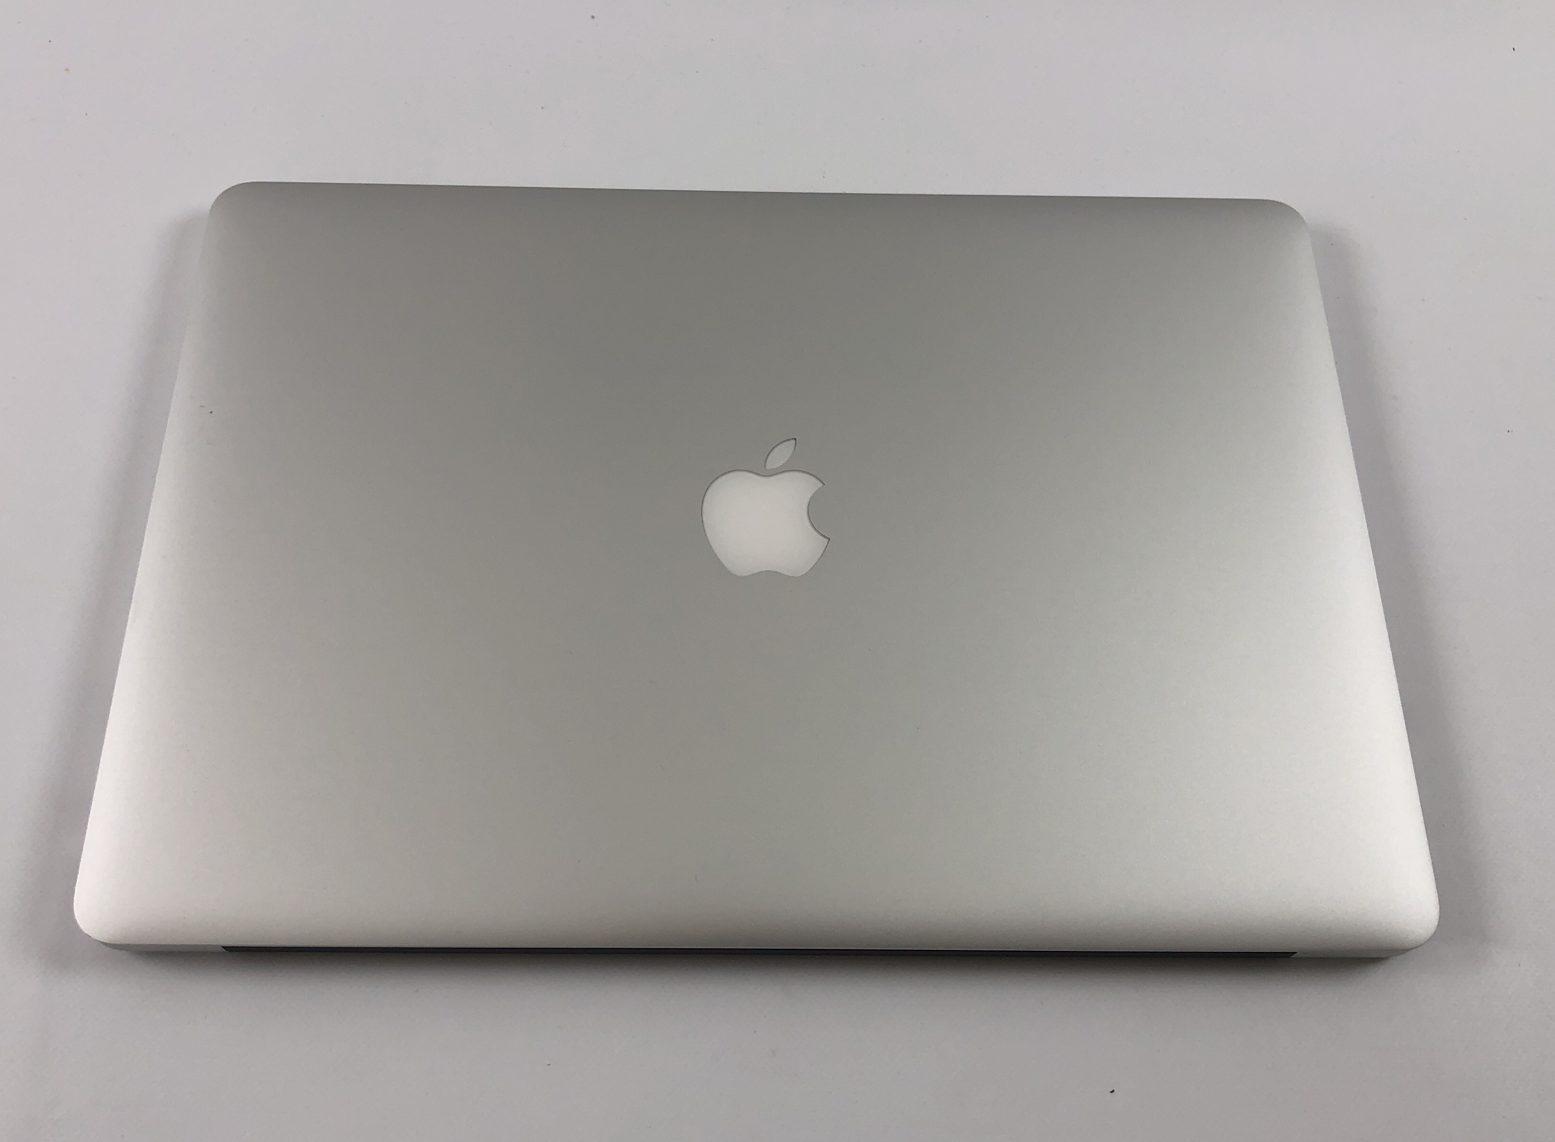 """MacBook Pro Retina 15"""" Mid 2014 (Intel Quad-Core i7 2.5 GHz 16 GB RAM 512 GB SSD), Intel Quad-Core i7 2.5 GHz, 16 GB RAM, 512 GB SSD, image 2"""